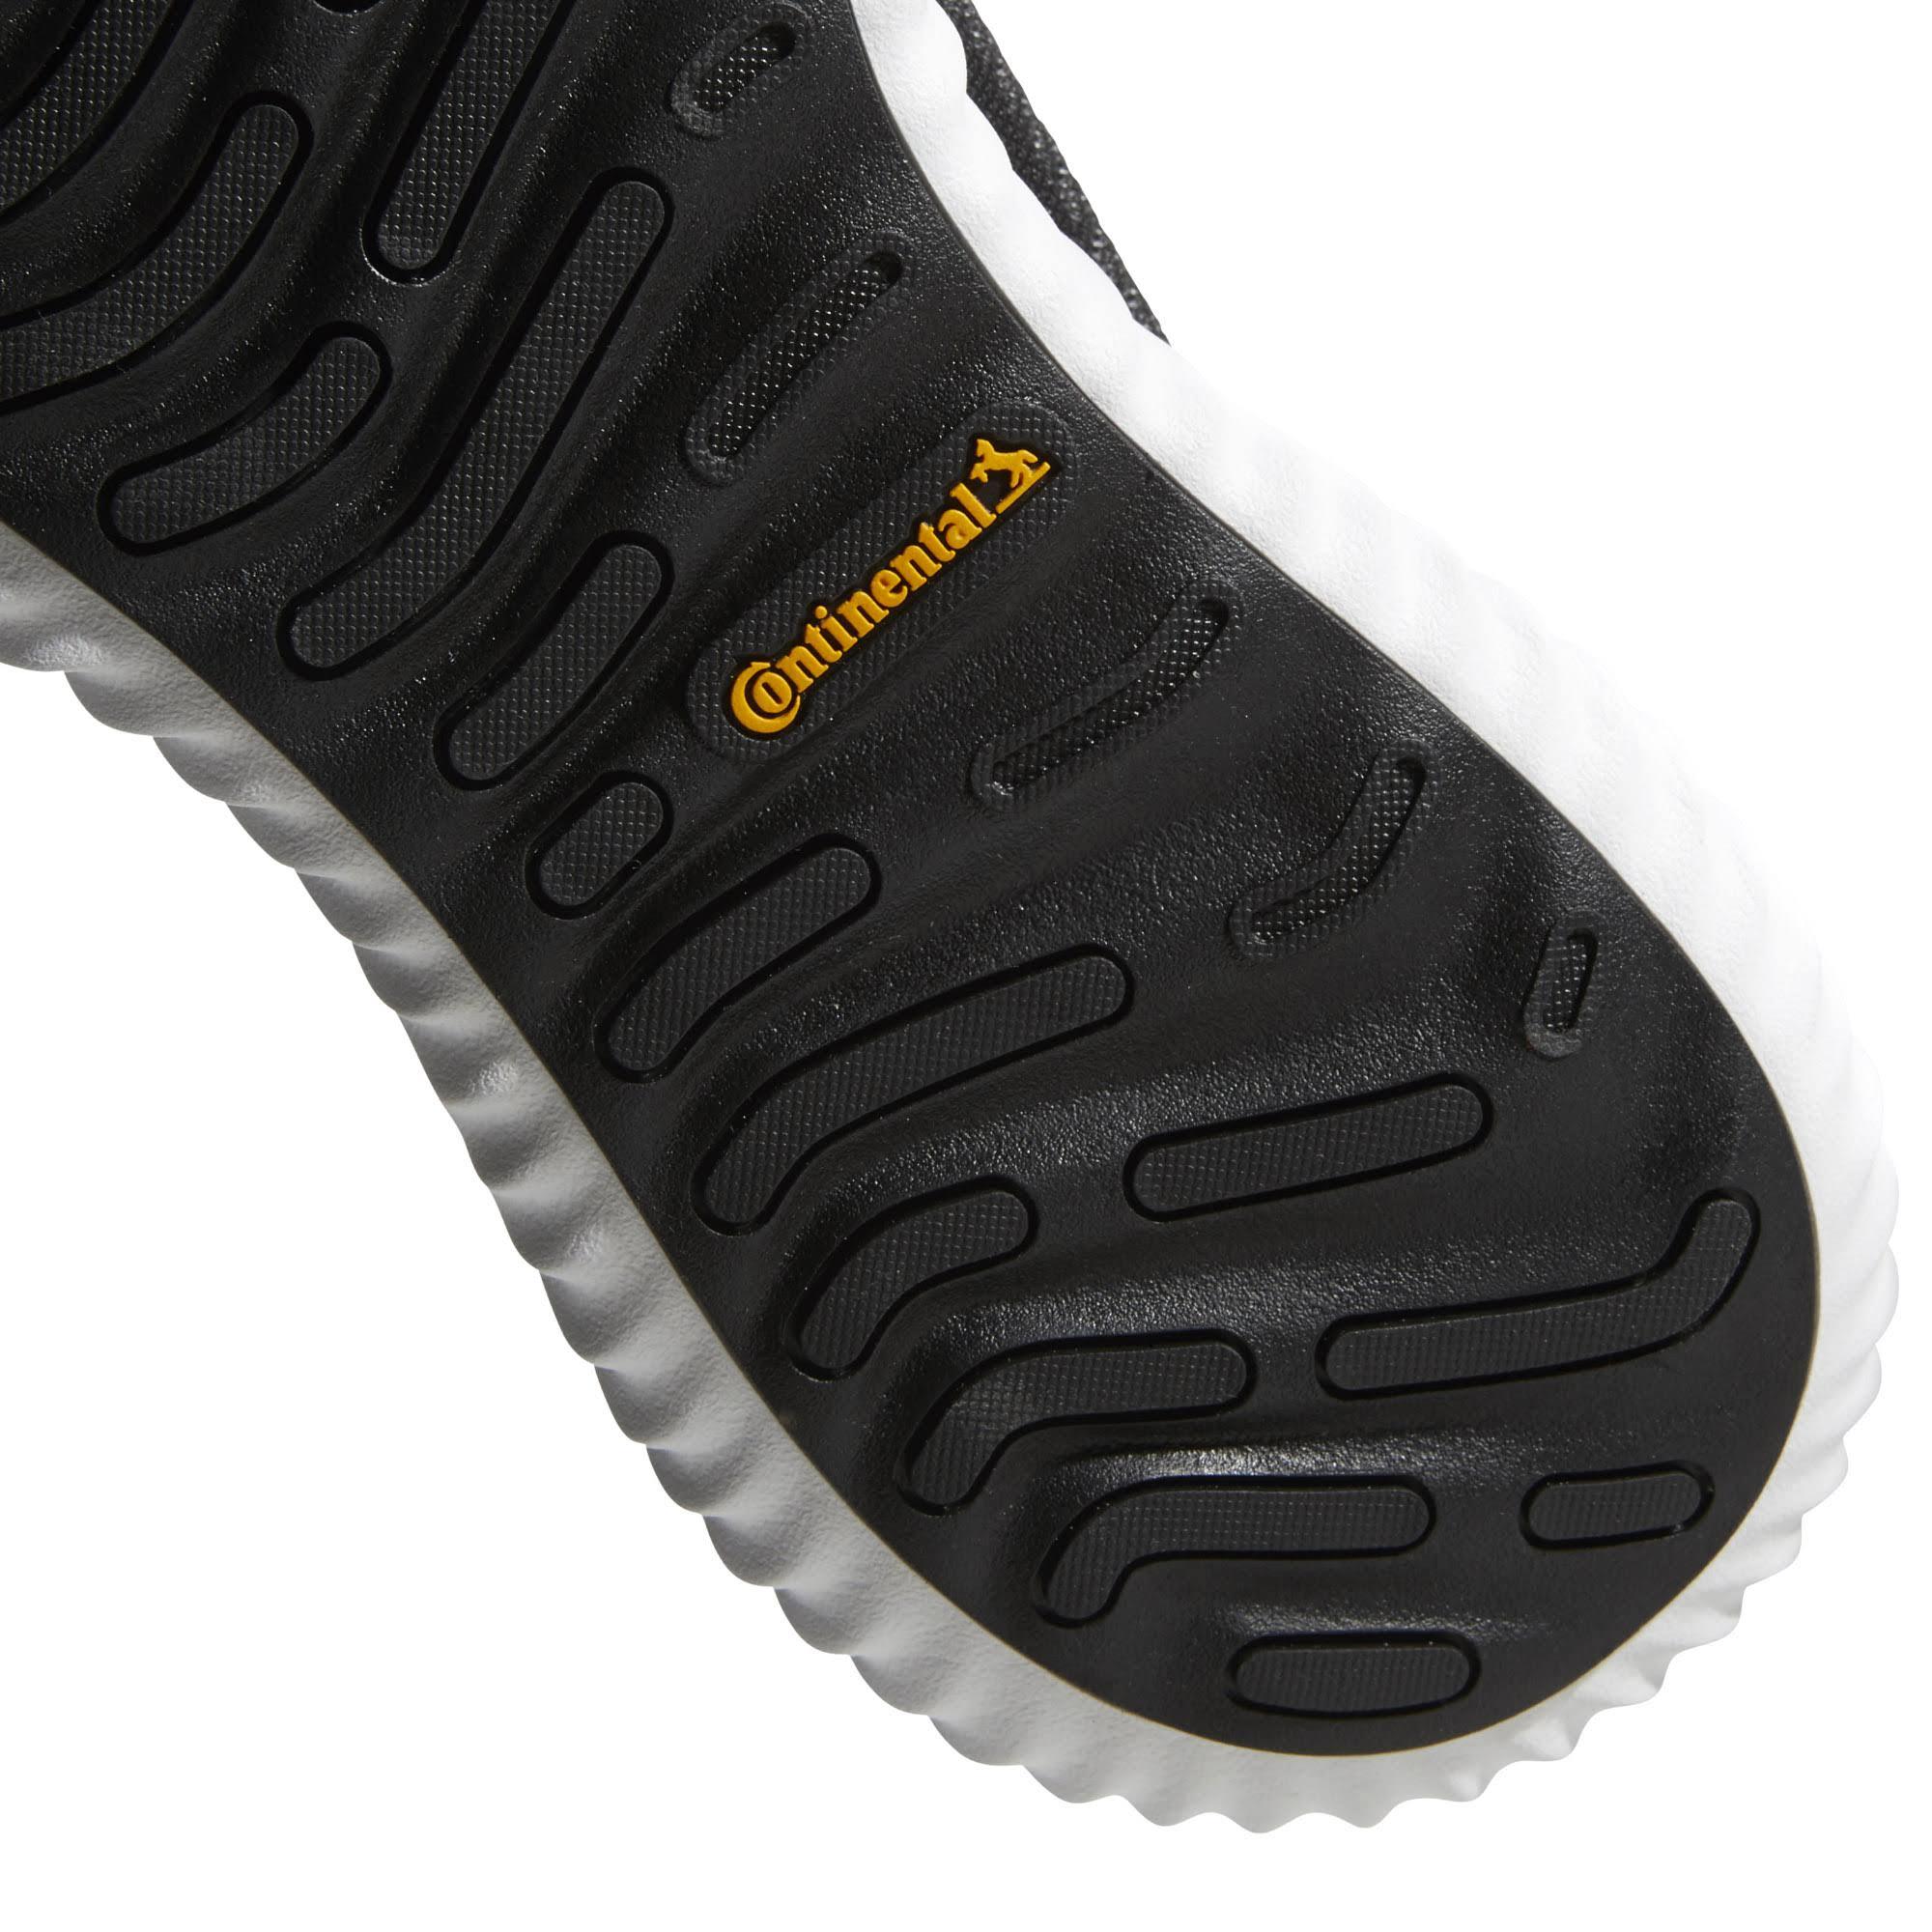 Schwarzem Aus Running Sneakers Adidas Alphabounce Ac8273 Beyond qwX6Aap